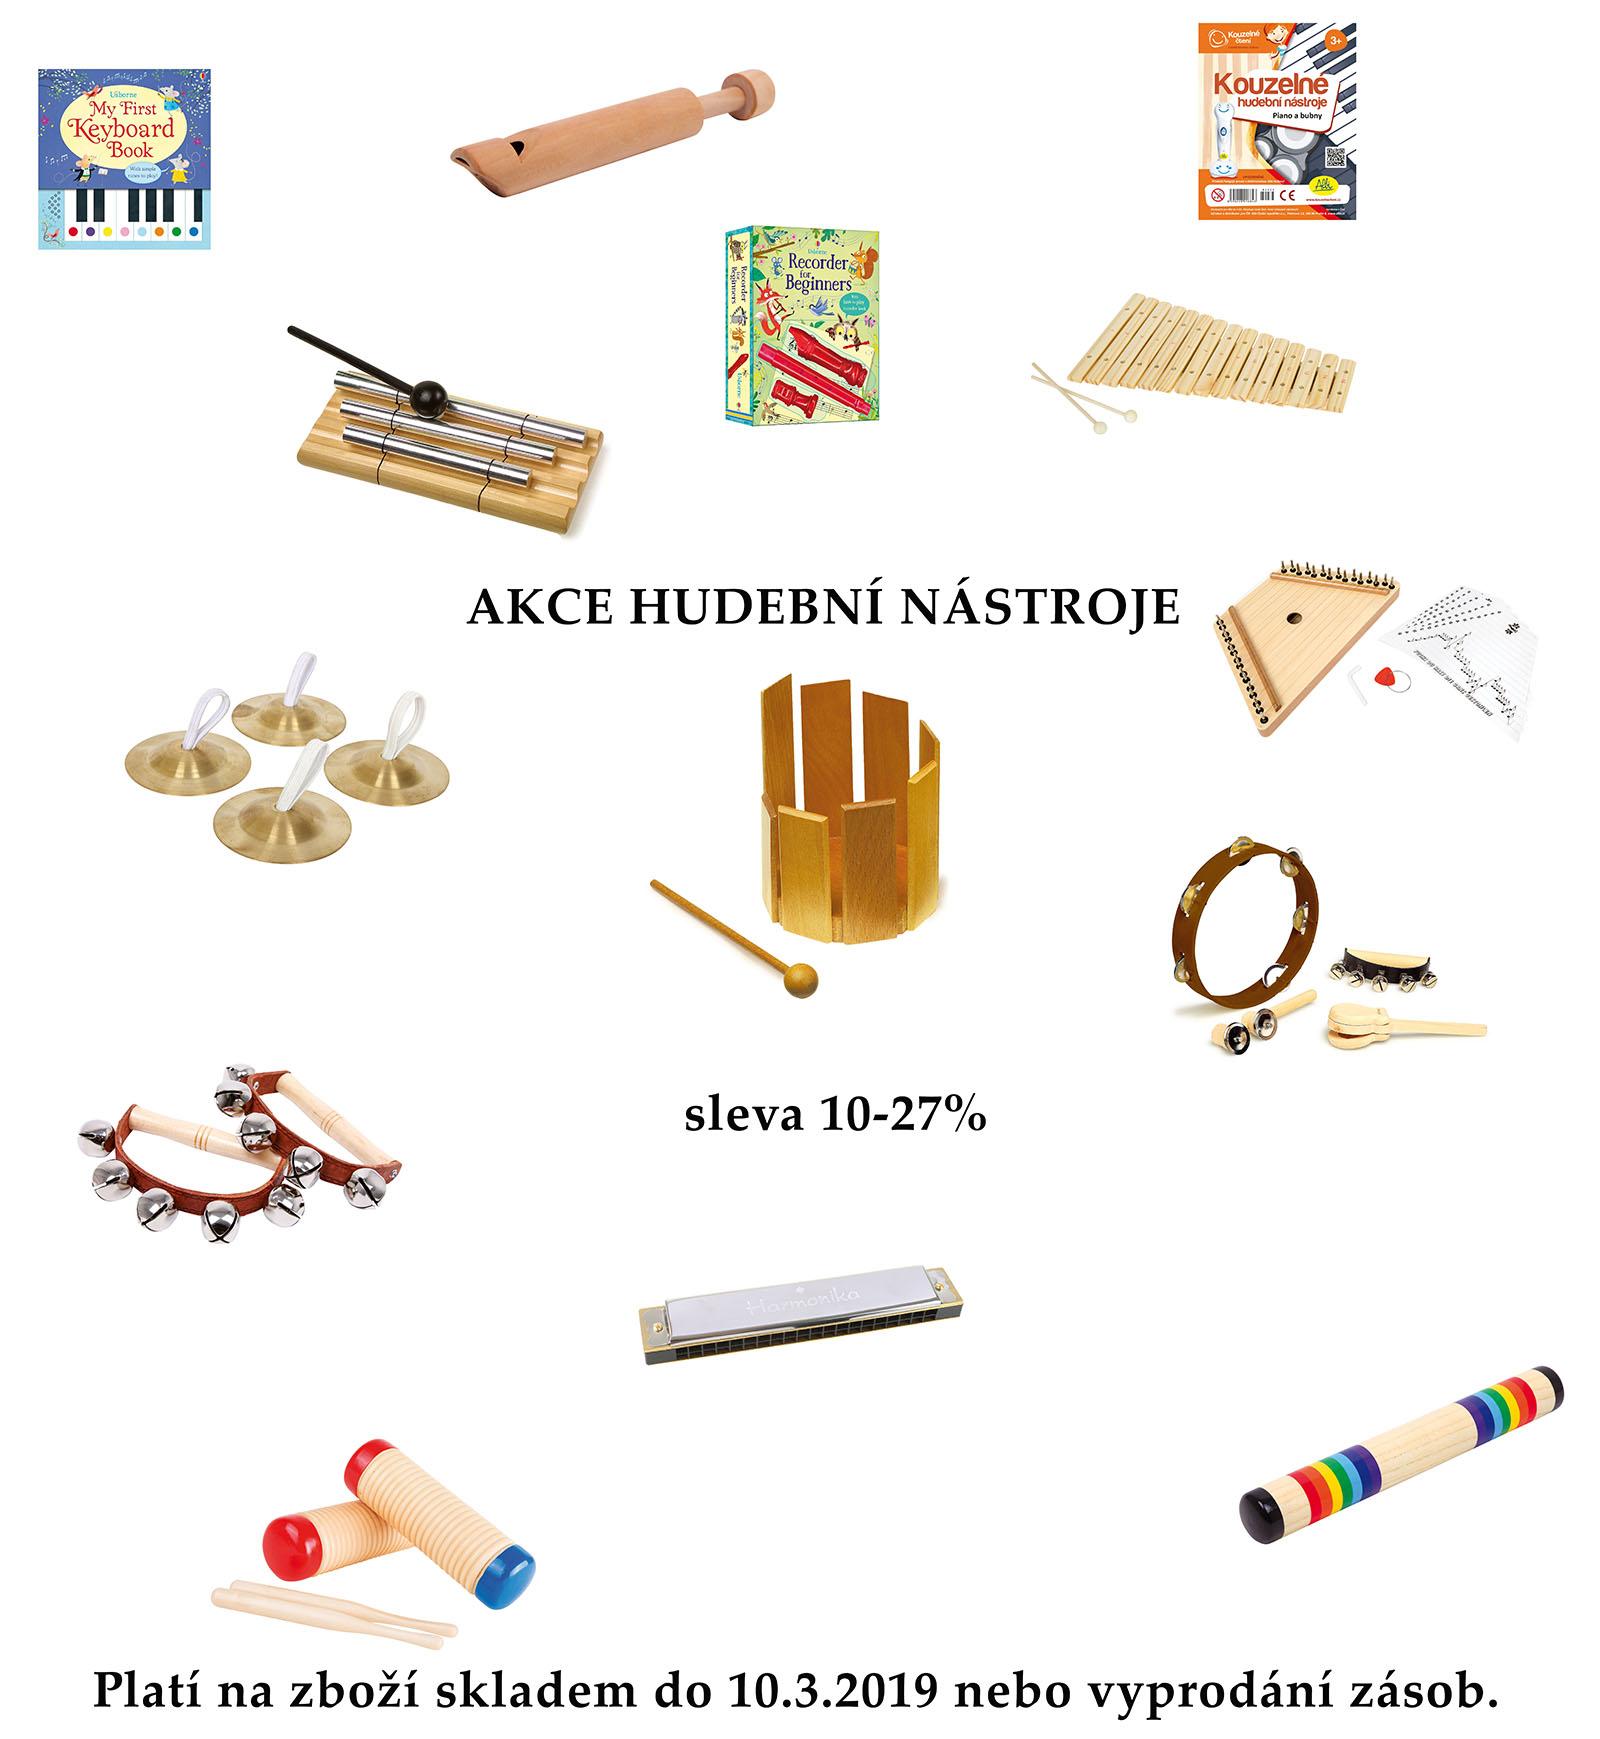 Akce hudební nástroje